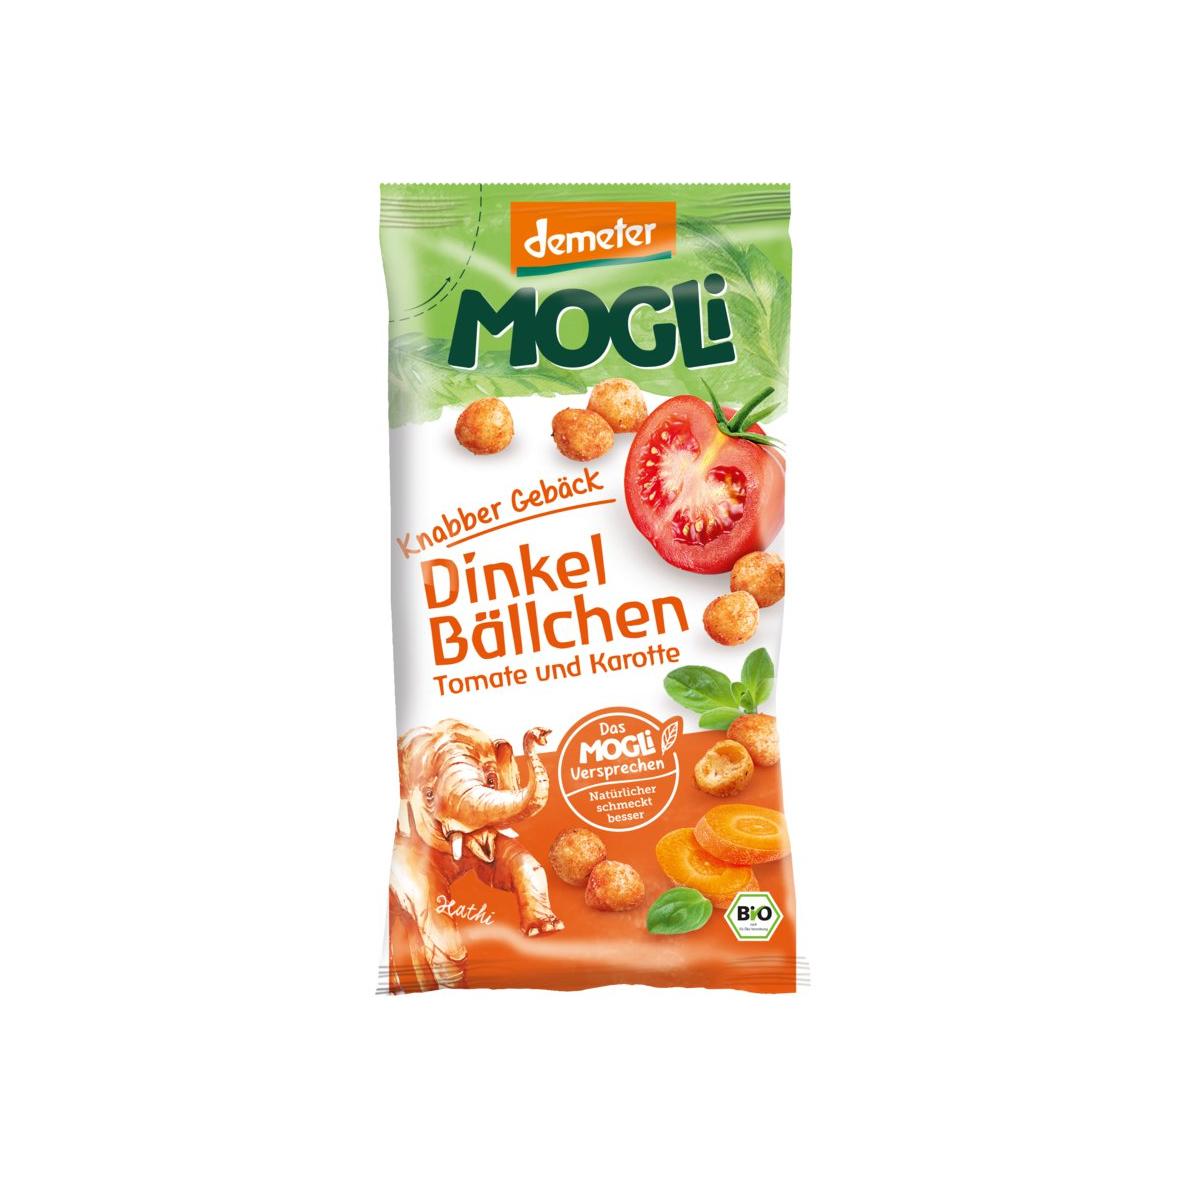 Dinkel Bällchen Tomate und Karotte Mogli